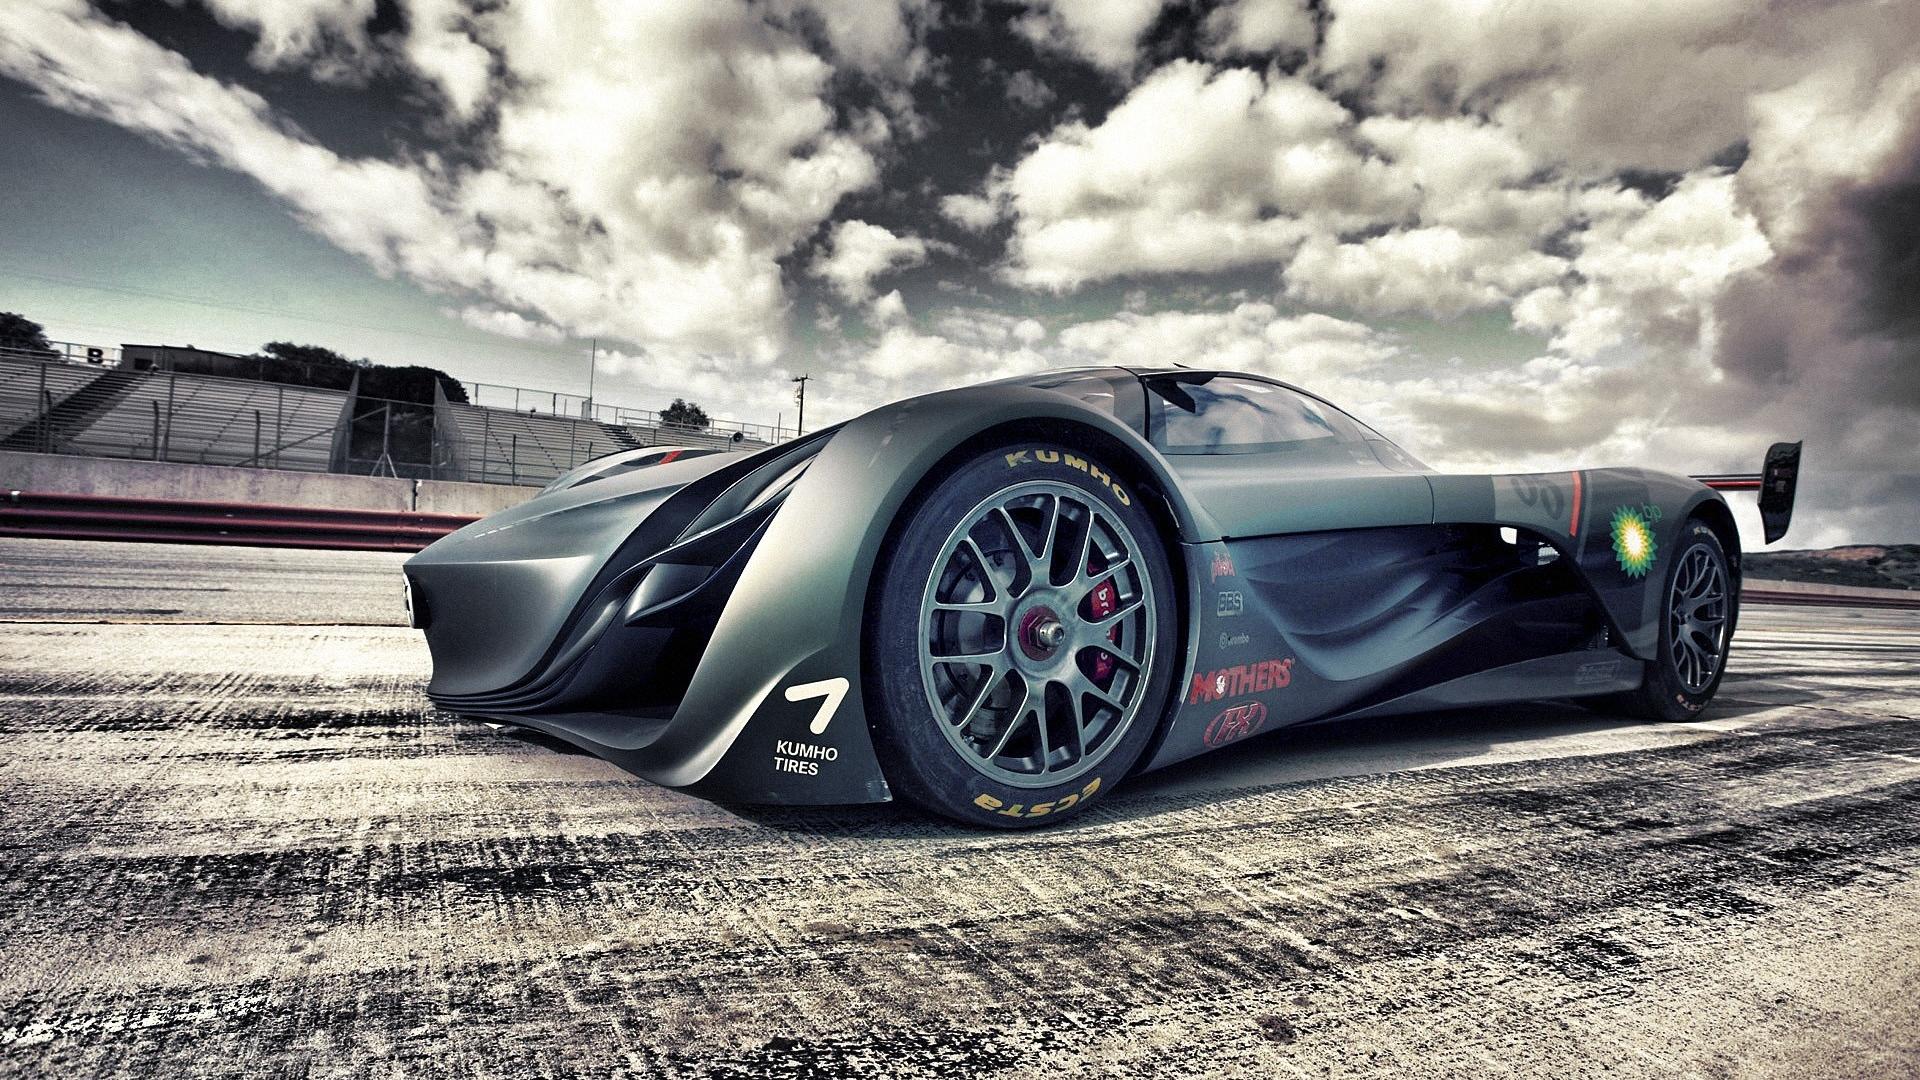 mazda-futuristic-concept-car-race-track-black-and-white.jpg